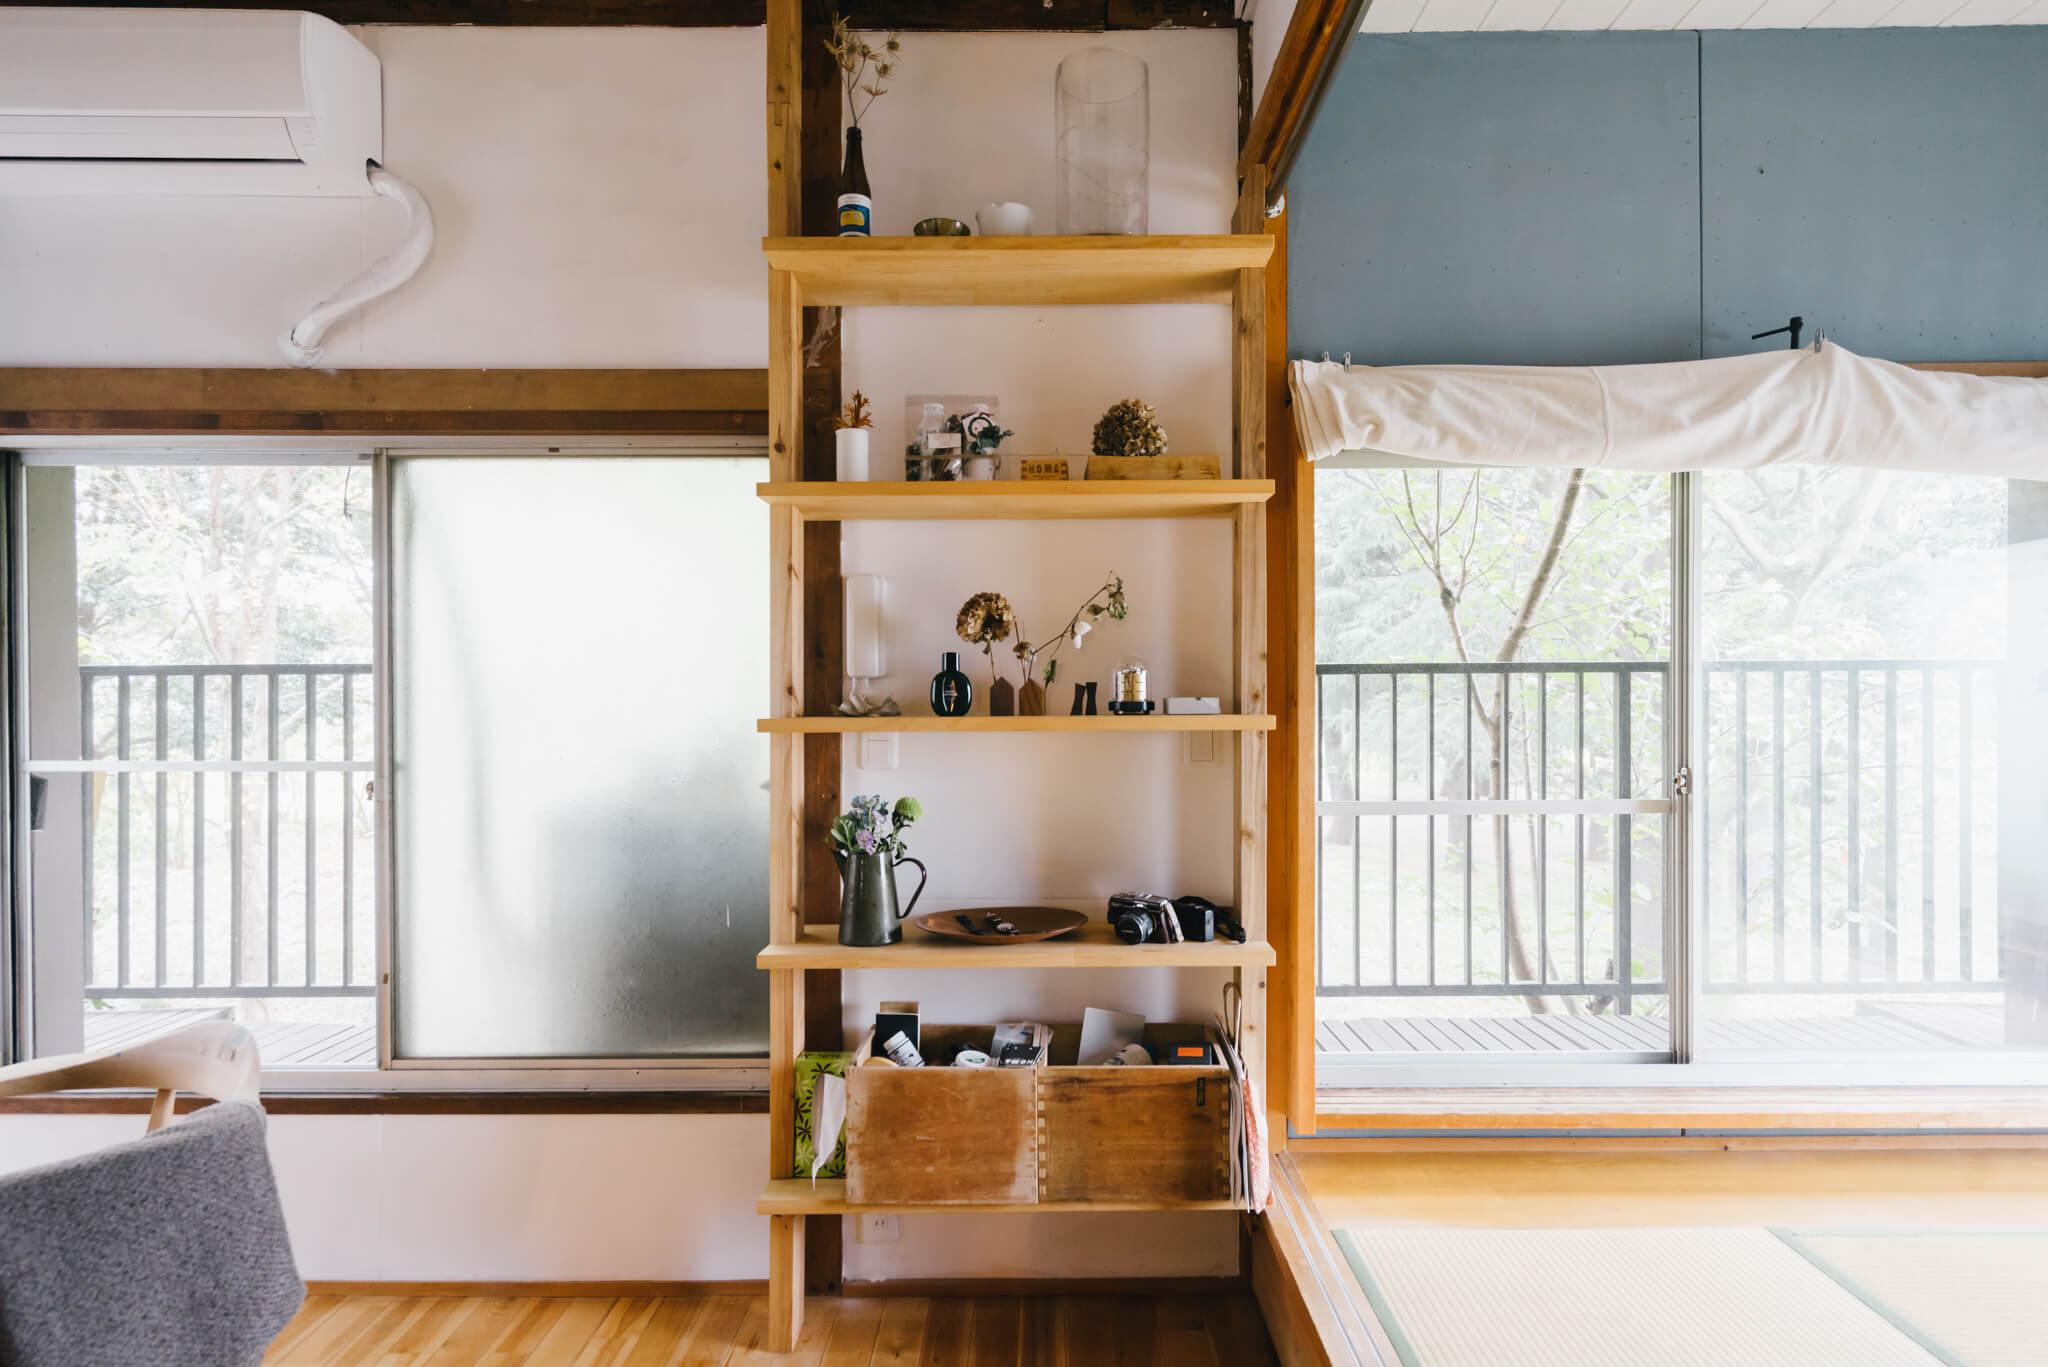 あえて収納をオープンにすることで、すっきりとした室内に見せることも。DIYして造られたという棚には、ドライフラワーや好きな雑貨などを飾るのもいいですね。